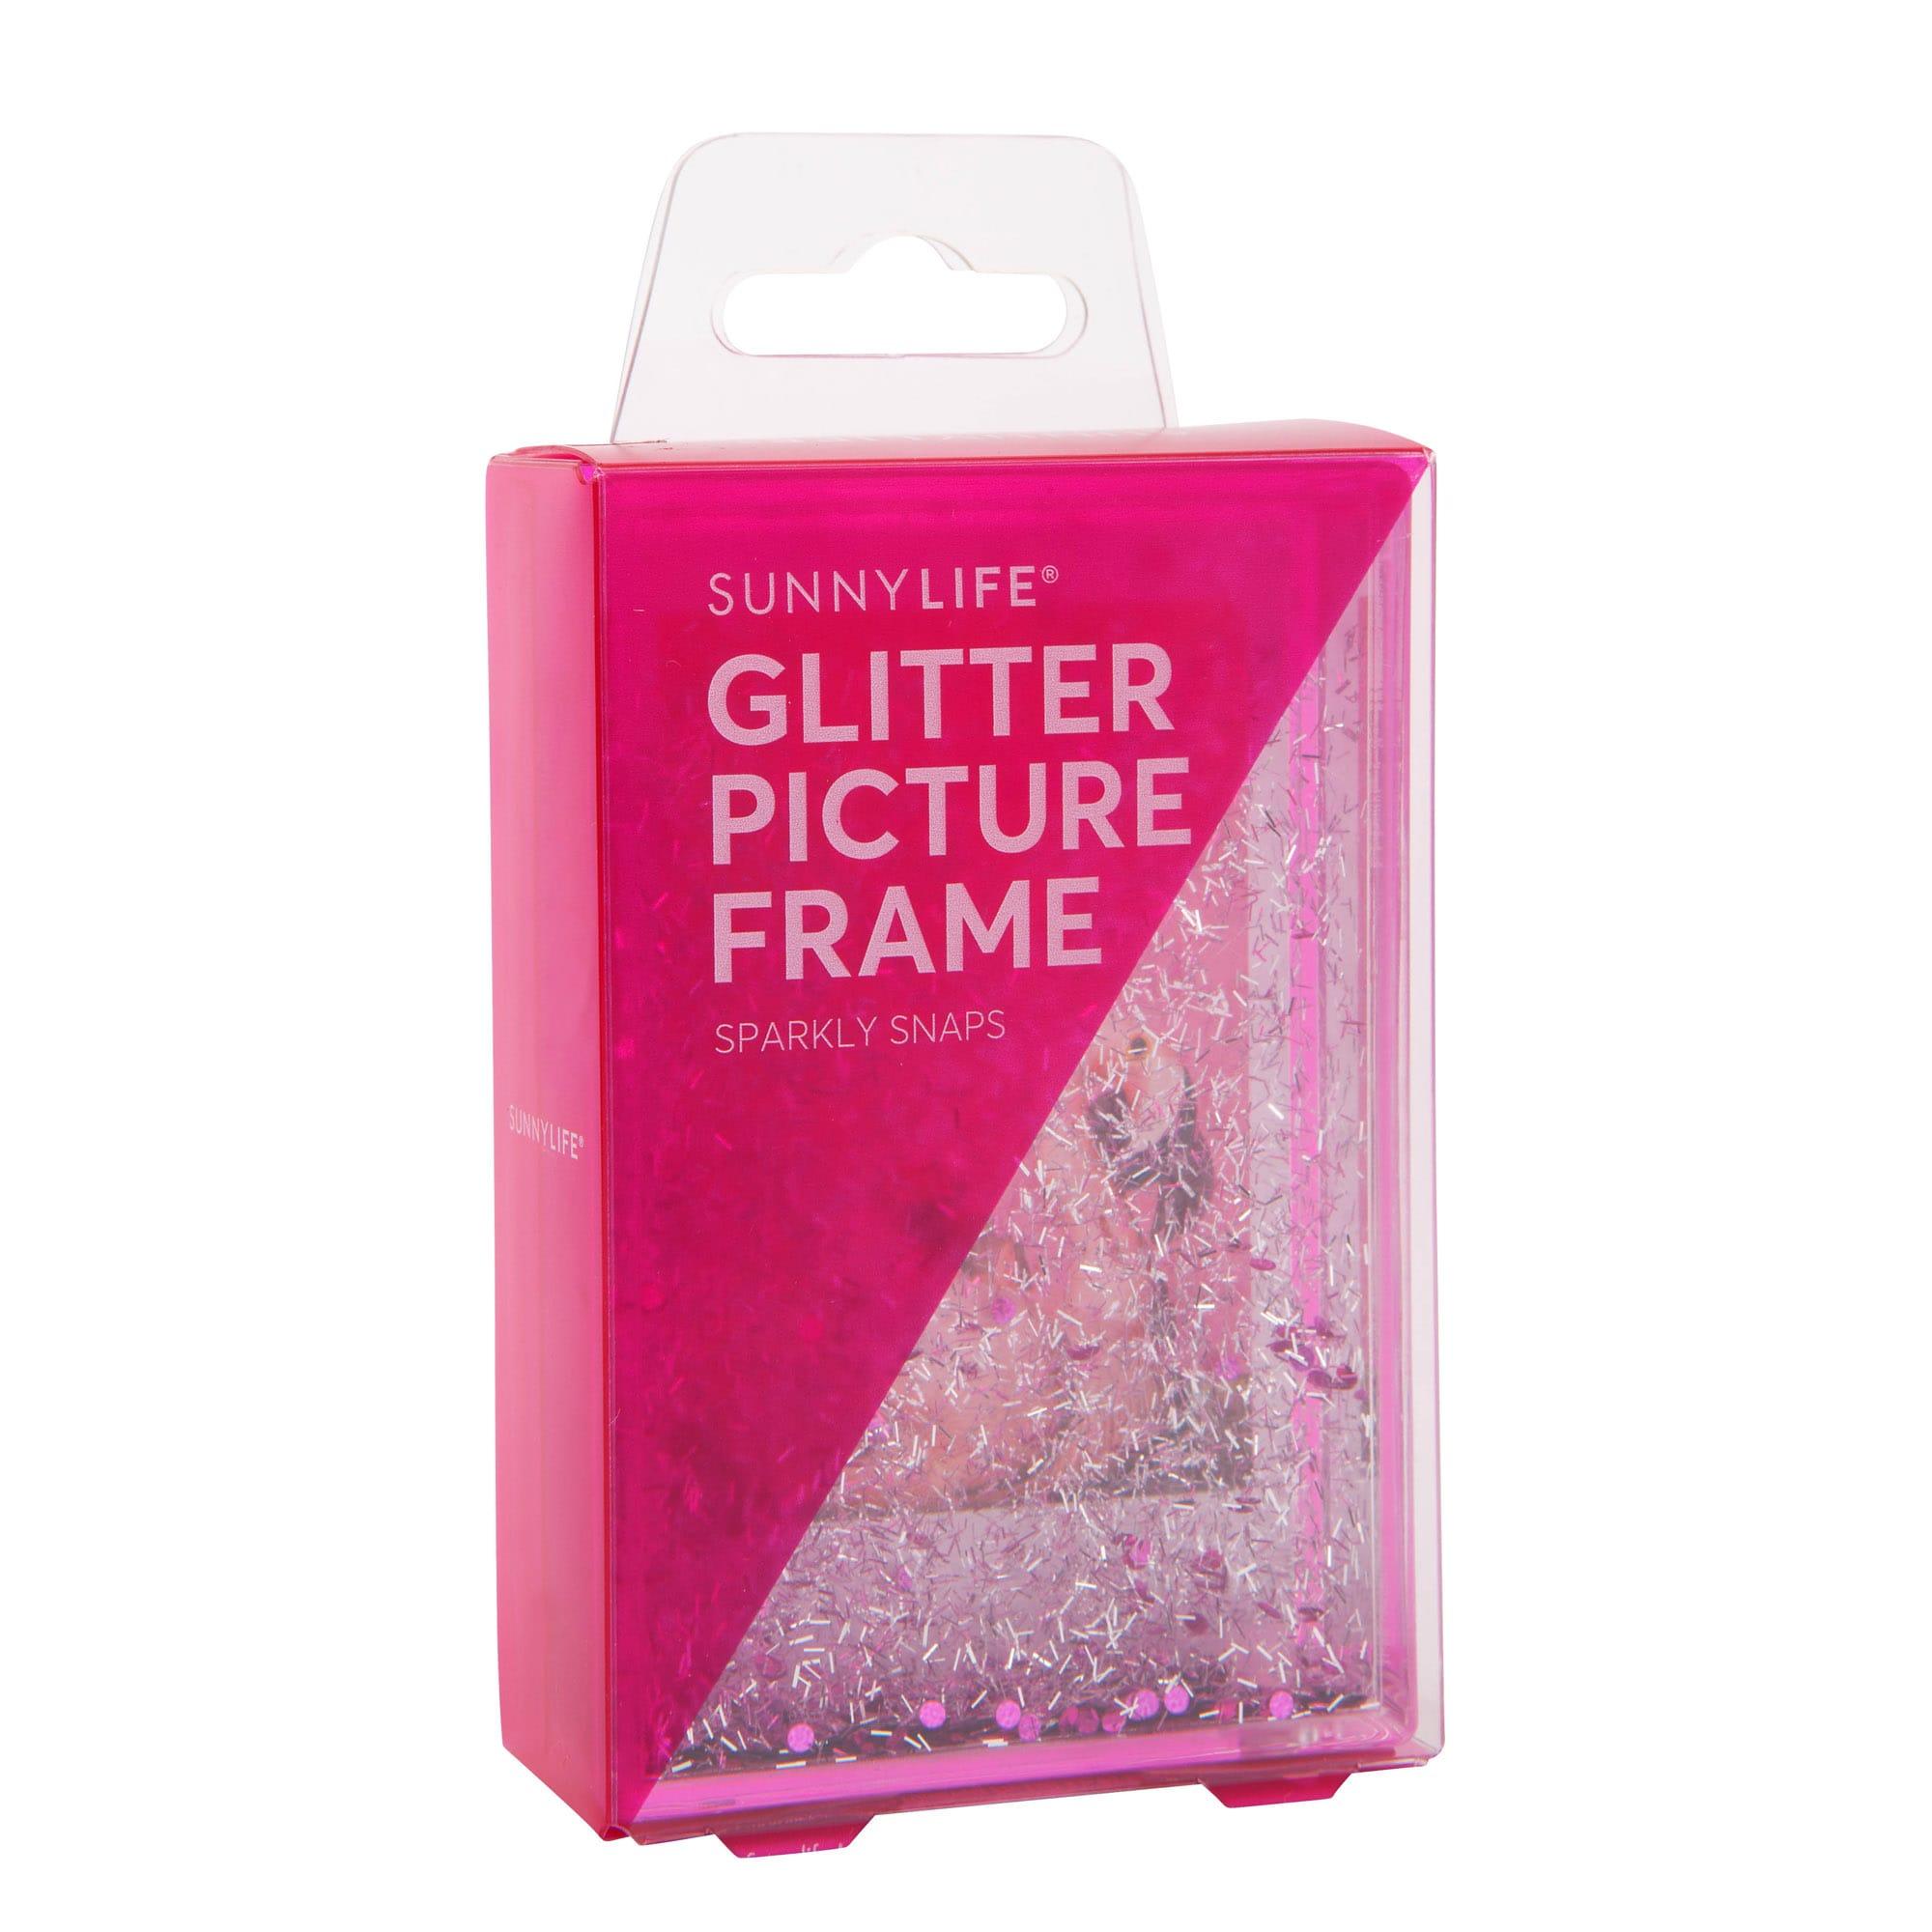 Ziemlich Hot Pink Bilderrahmen Fotos - Benutzerdefinierte ...